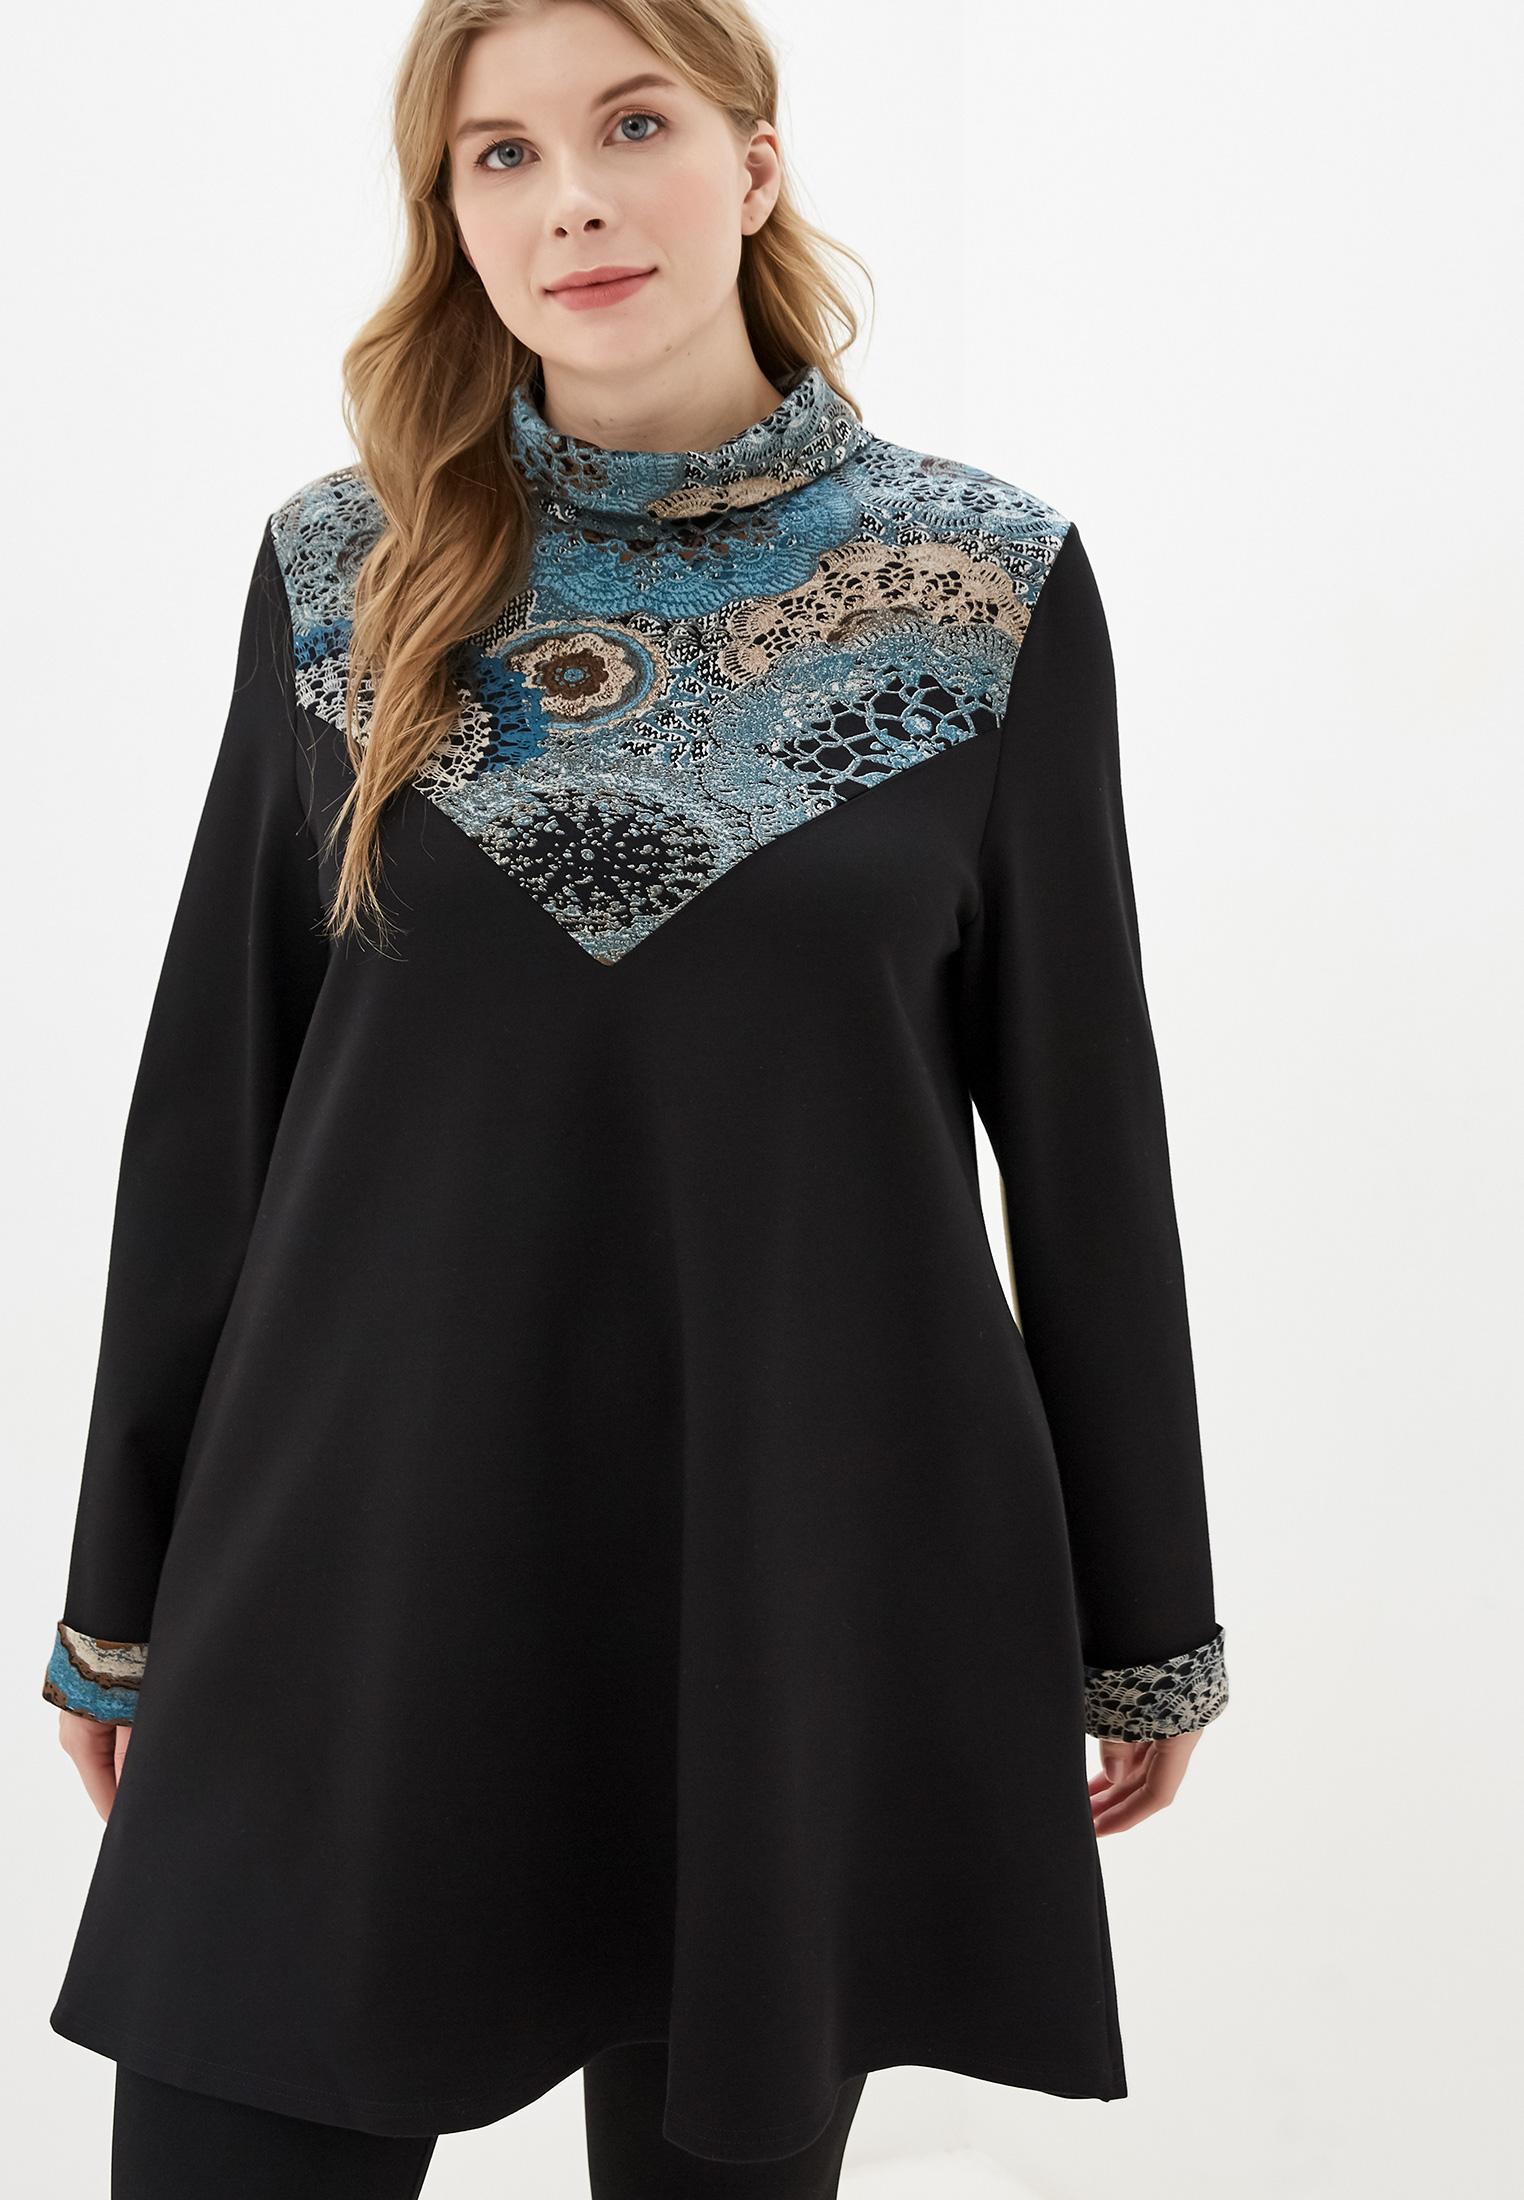 Туника Авантюра Plus Size Fashion за 2 720 ₽. в интернет-магазине Lamoda.ru